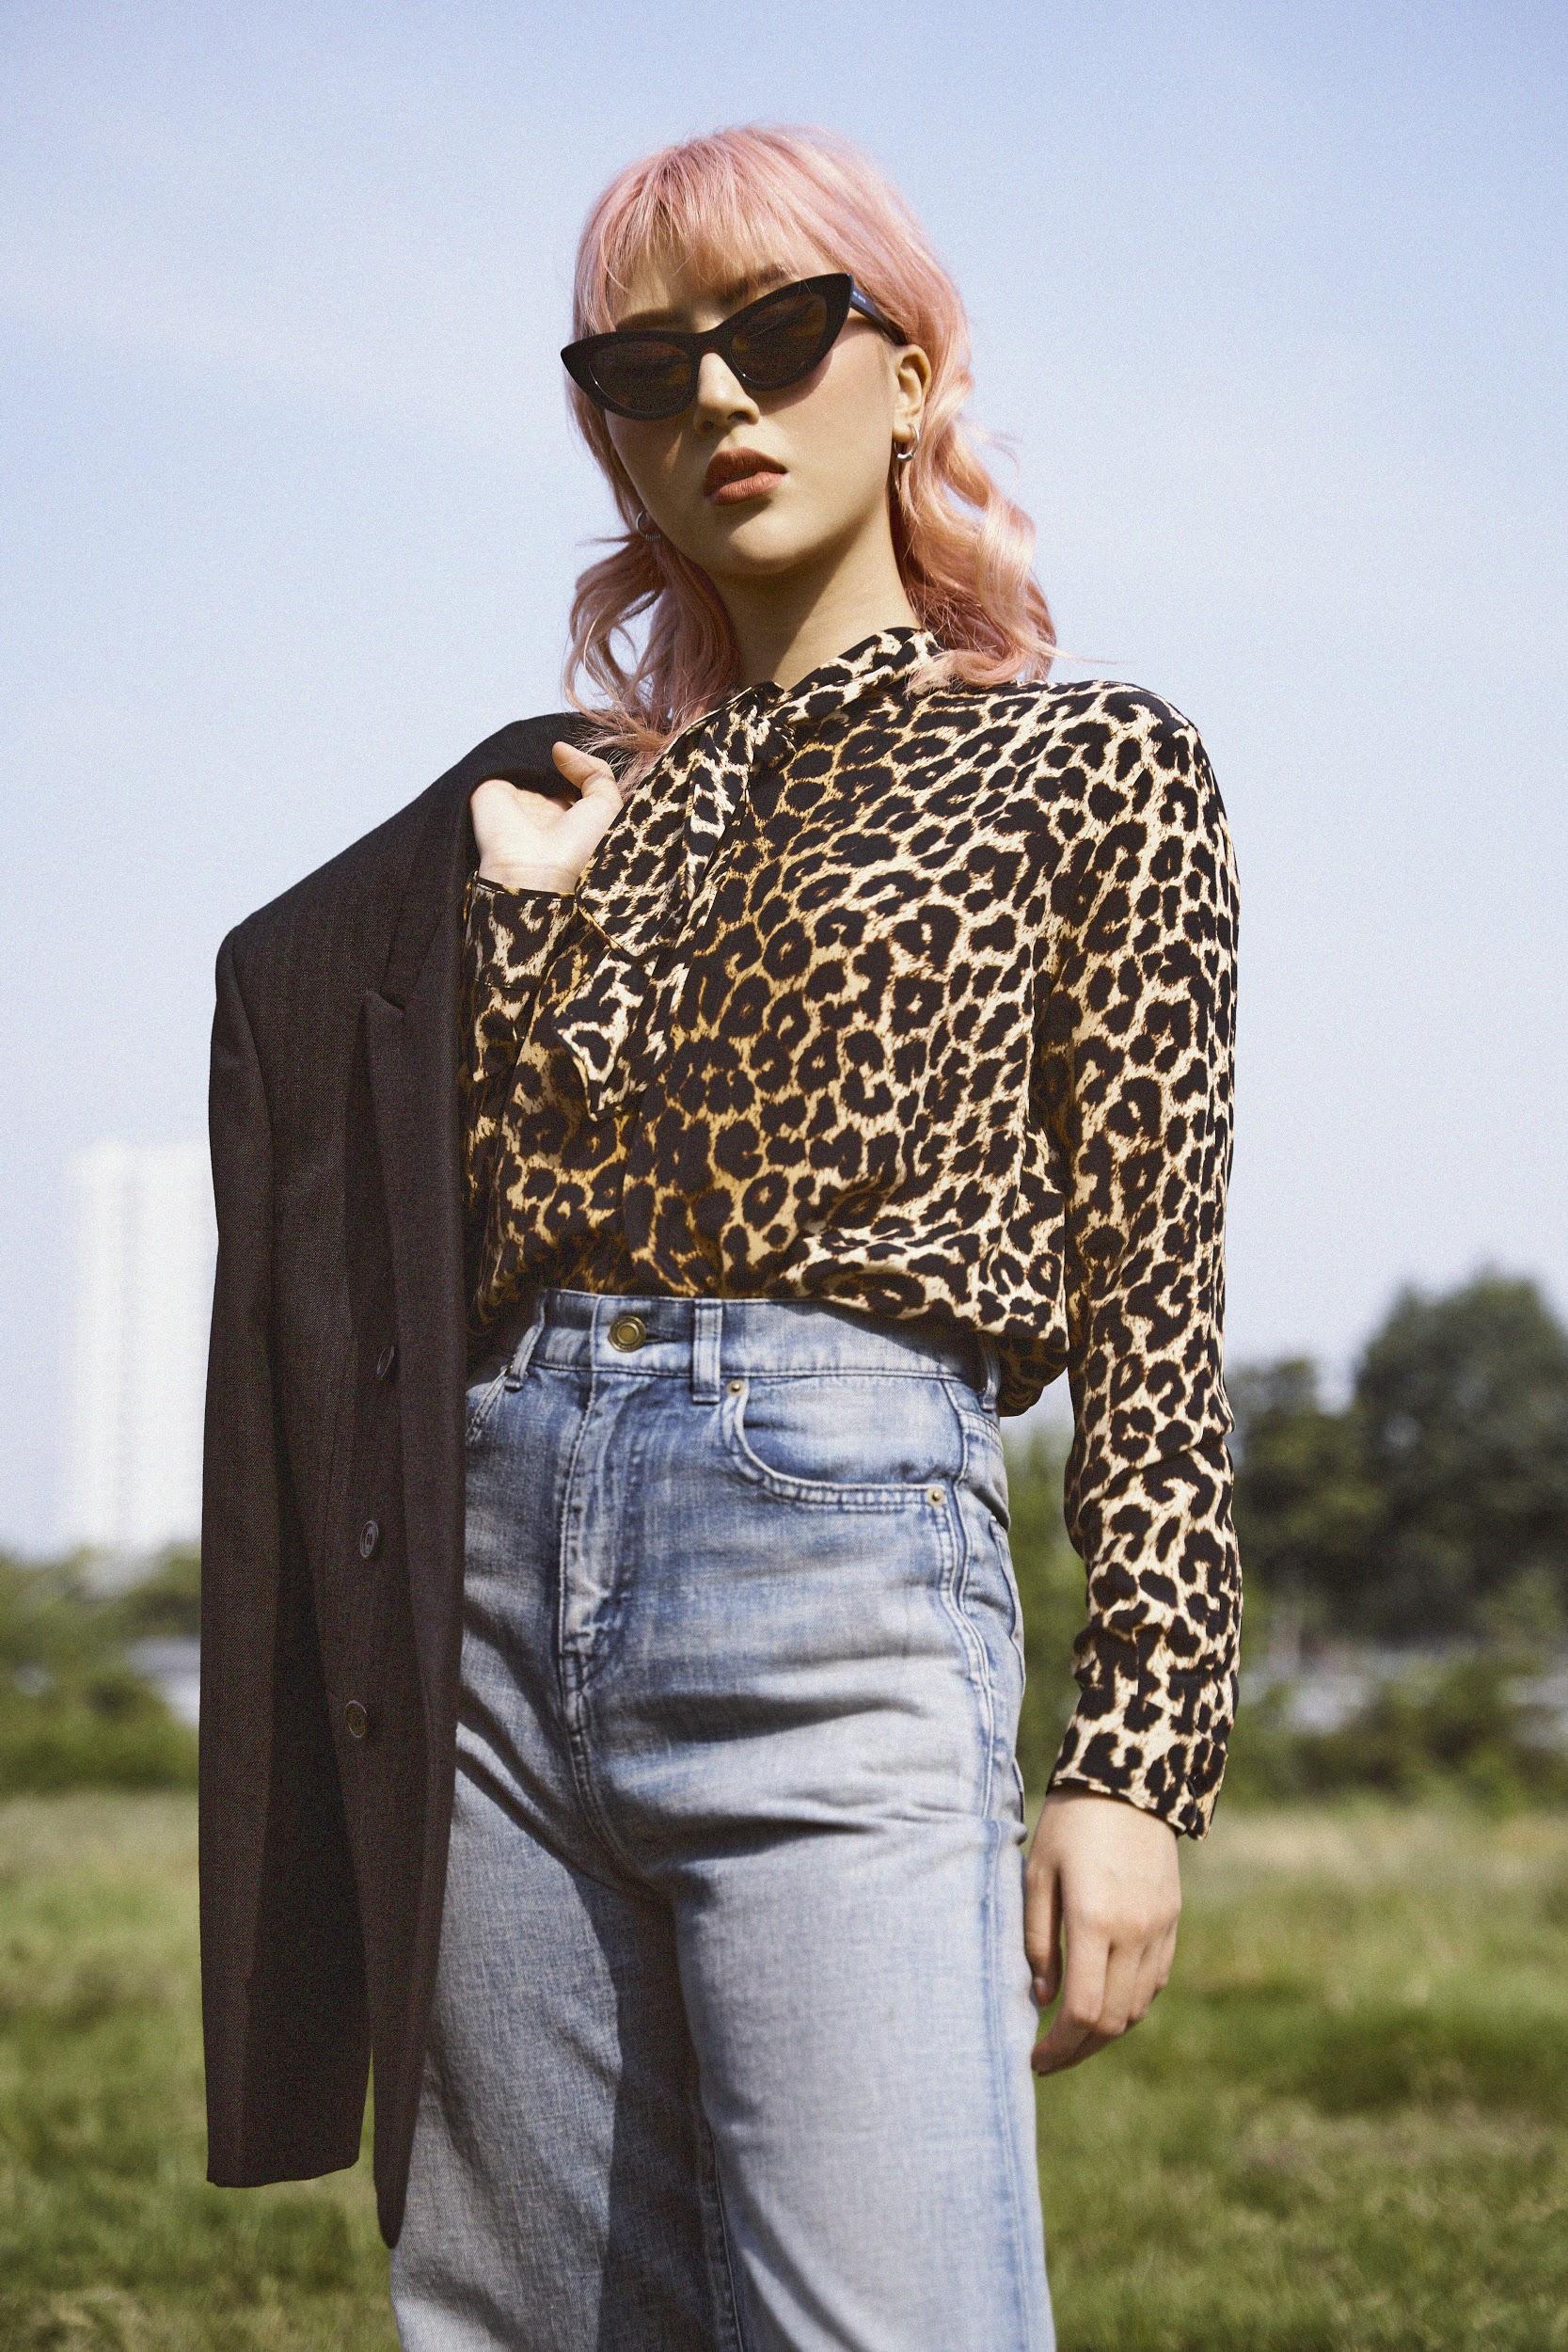 """Đụng hàng Saint Laurent: Quỳnh Anh Shyn tự tin với phong cách Rock chic, Ngọc Trinh và Diệu Nhi lại """"biến hình"""" gợi cảm, huyền bí - Ảnh 2."""